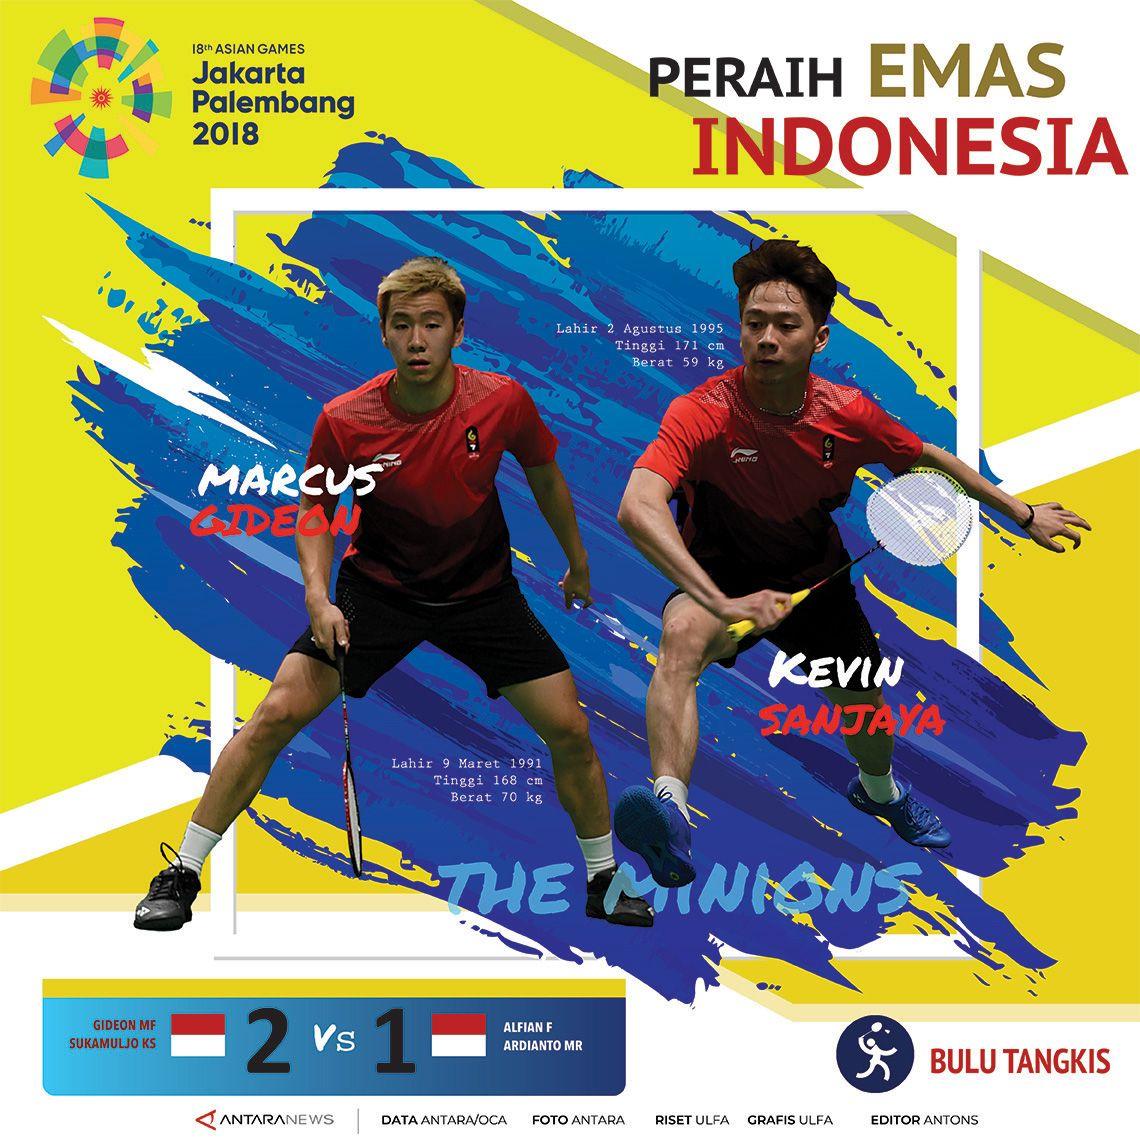 Peraih Emas Indonesia: Marcus Gideon dan Kevin Sanjaya